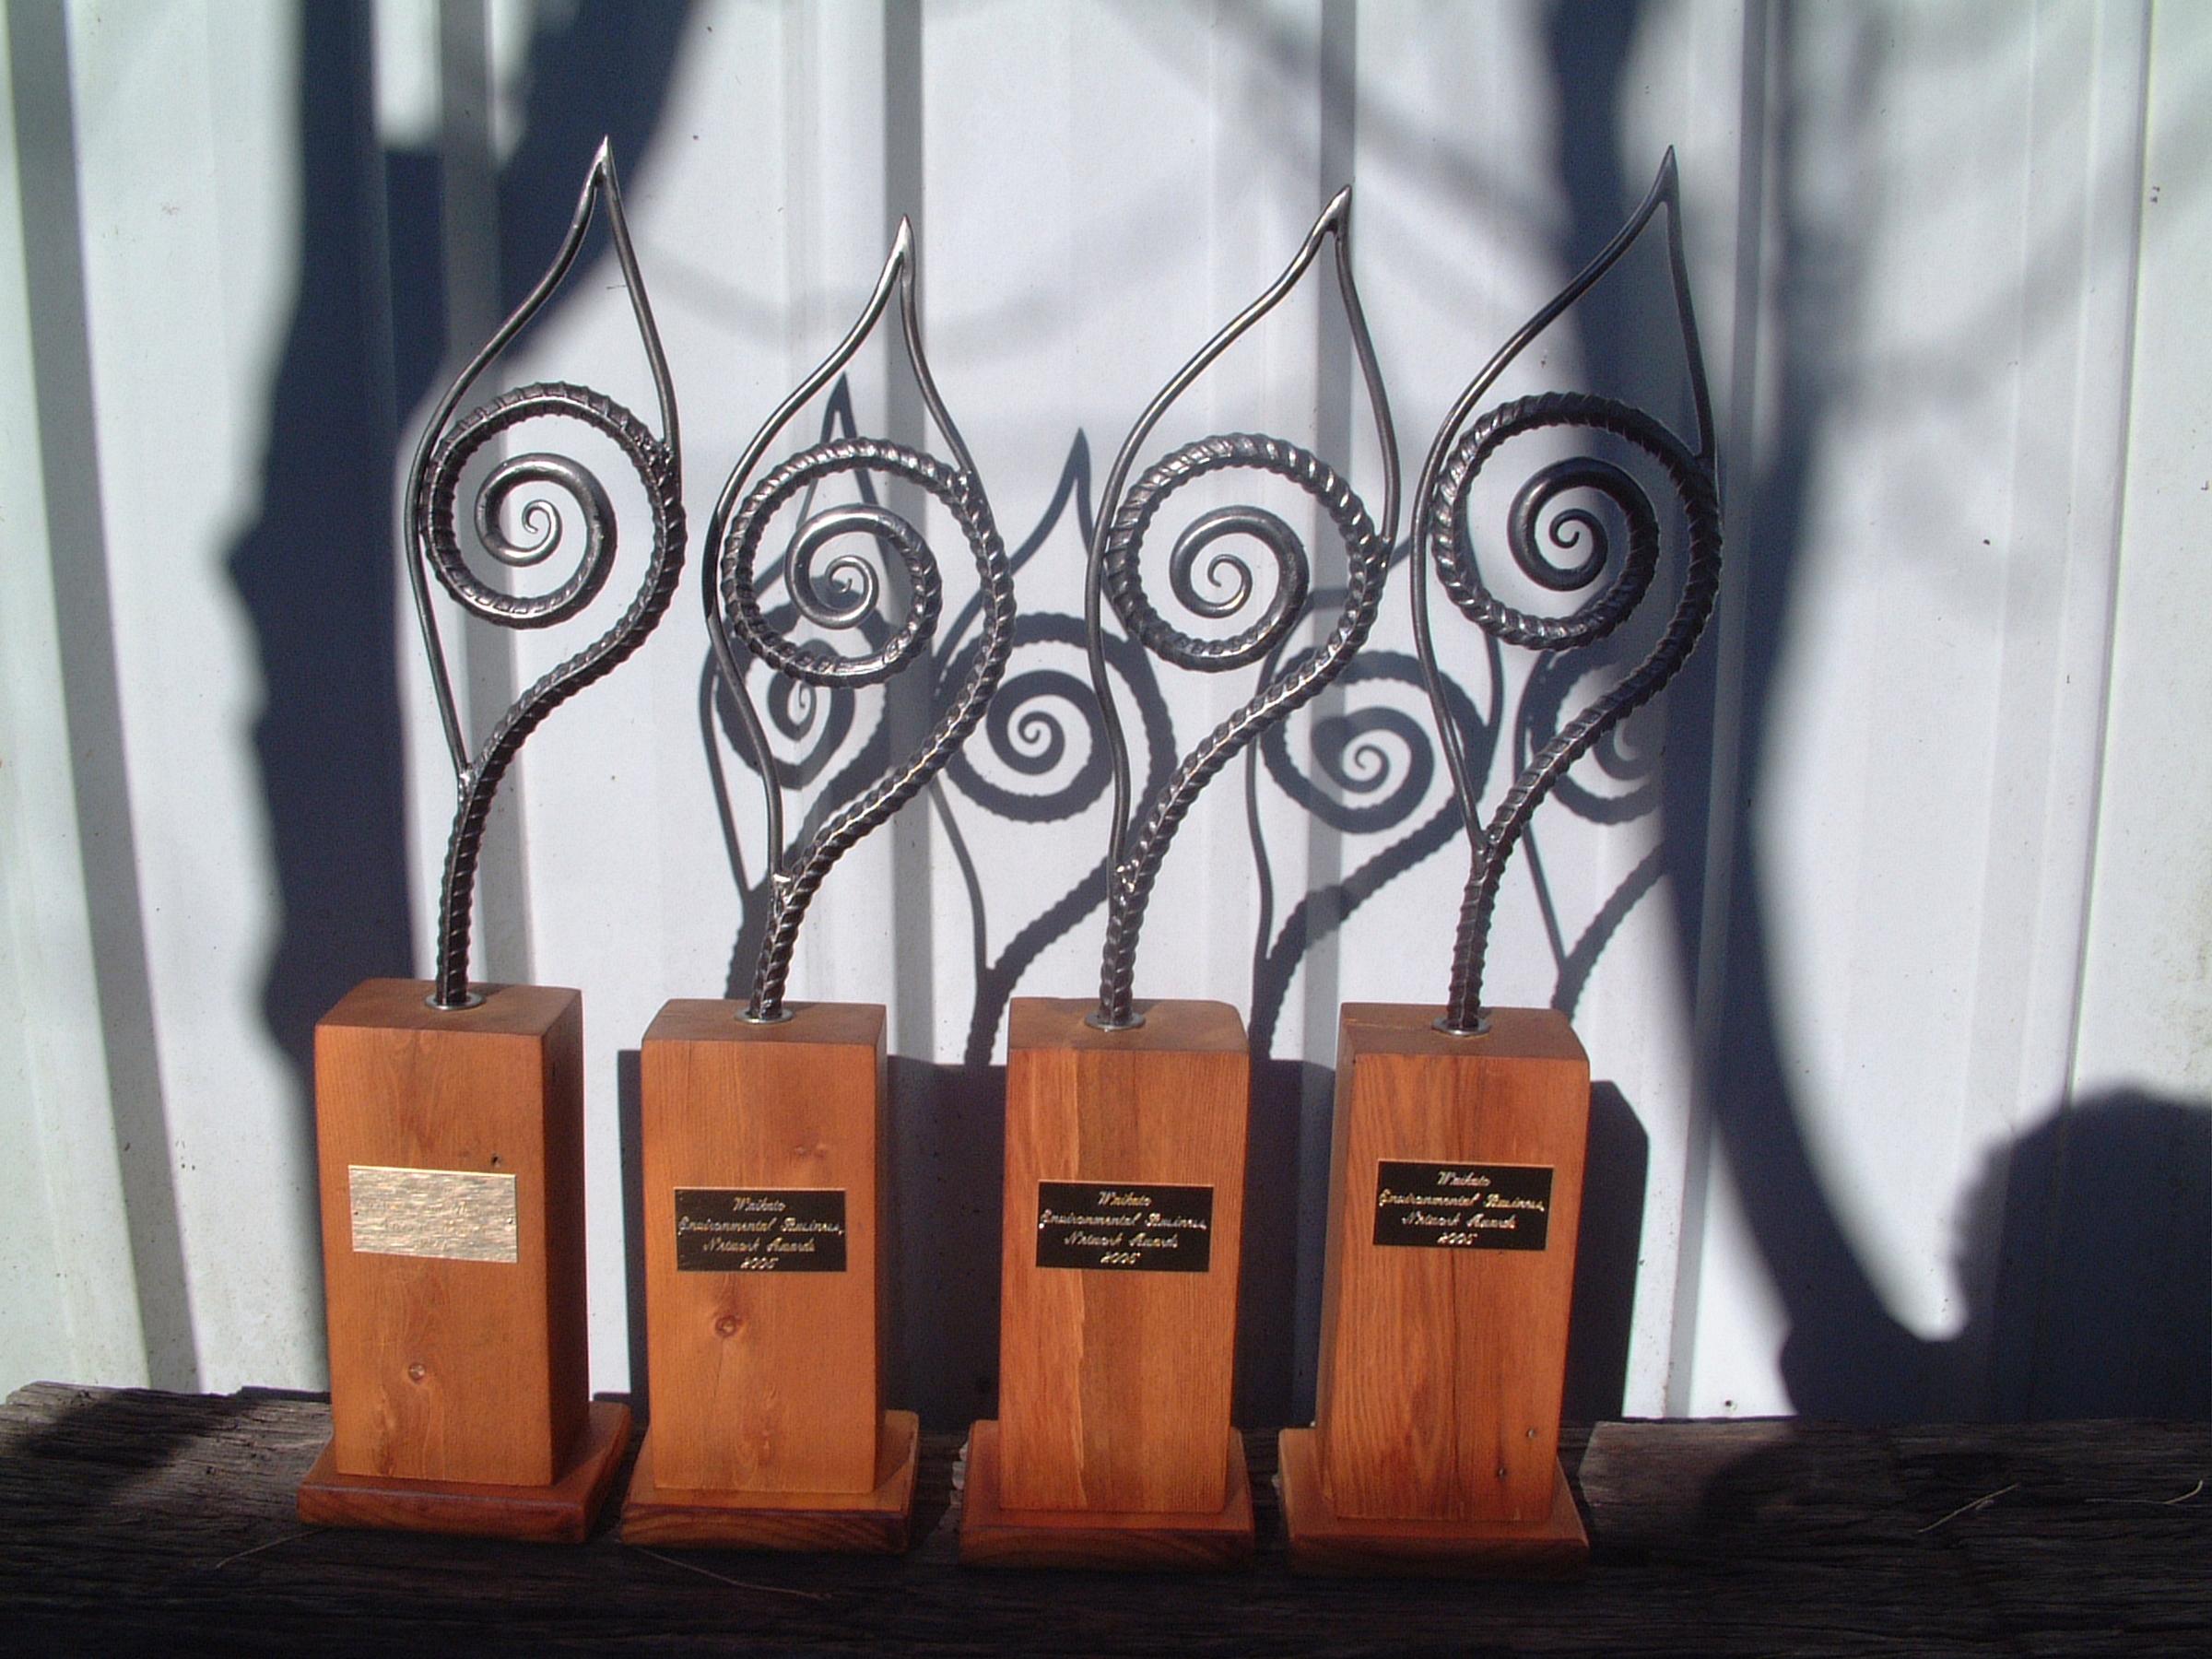 Eco Business Awards